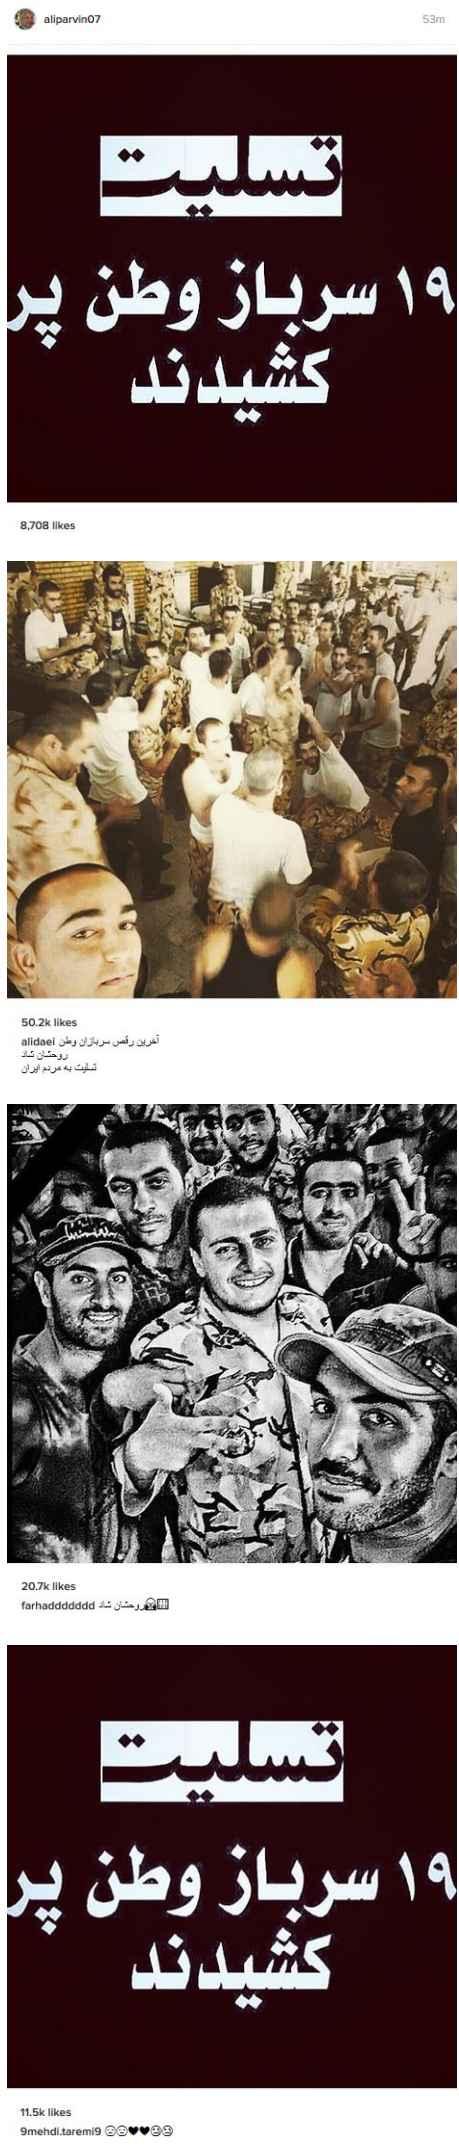 واکنش علی پروین و علی دایی به درگذشت 19 سرباز + عکس , اخبار ورزشی